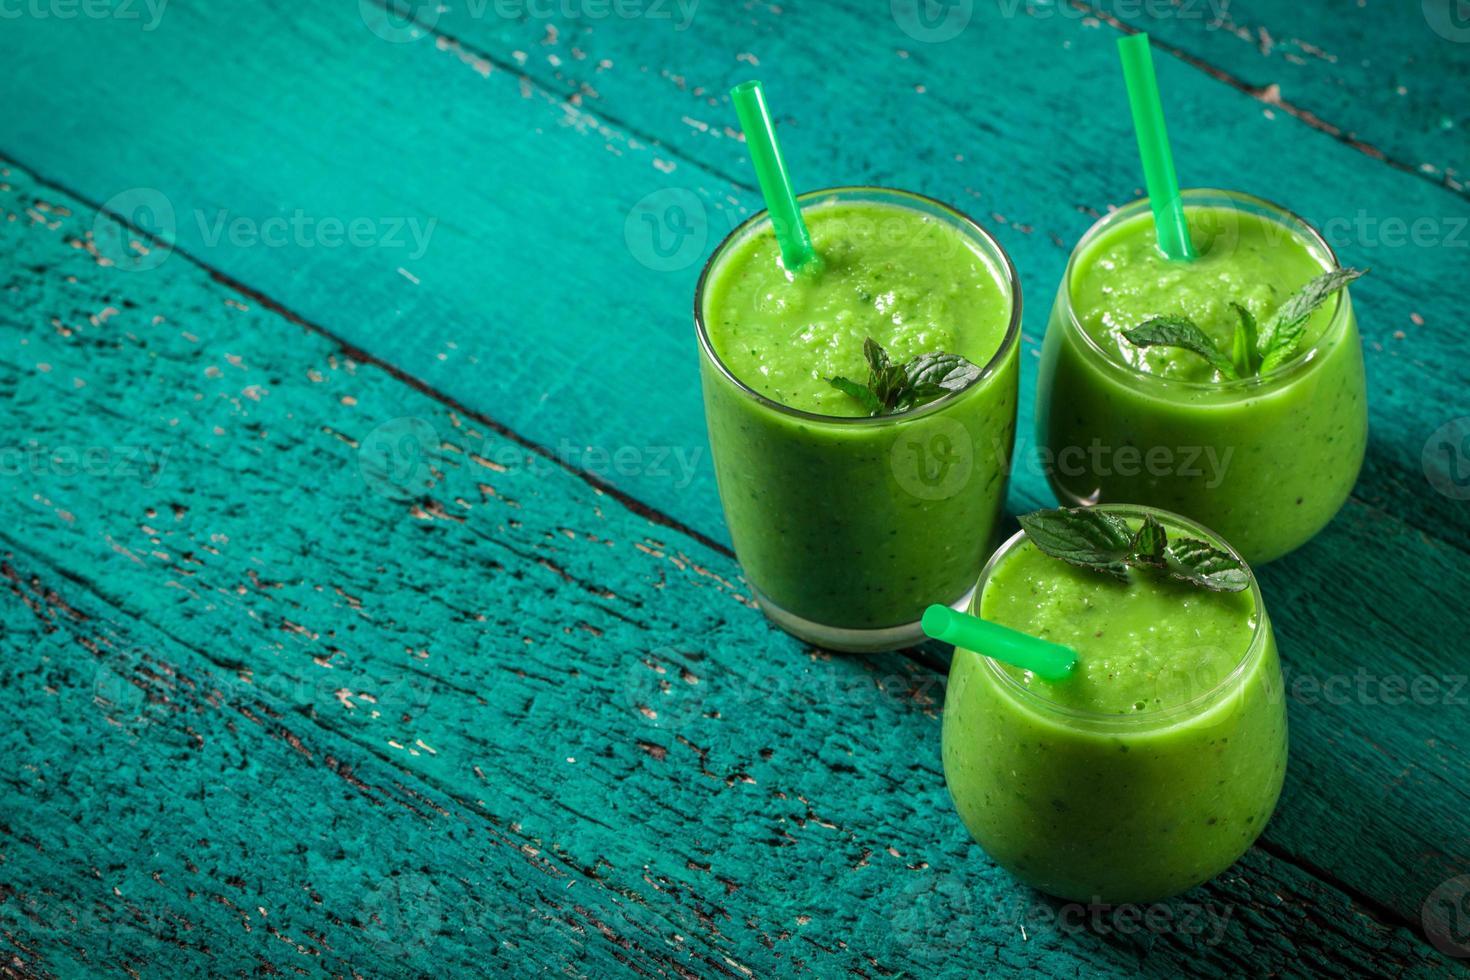 grüner Detox-Smoothie auf Holztisch foto